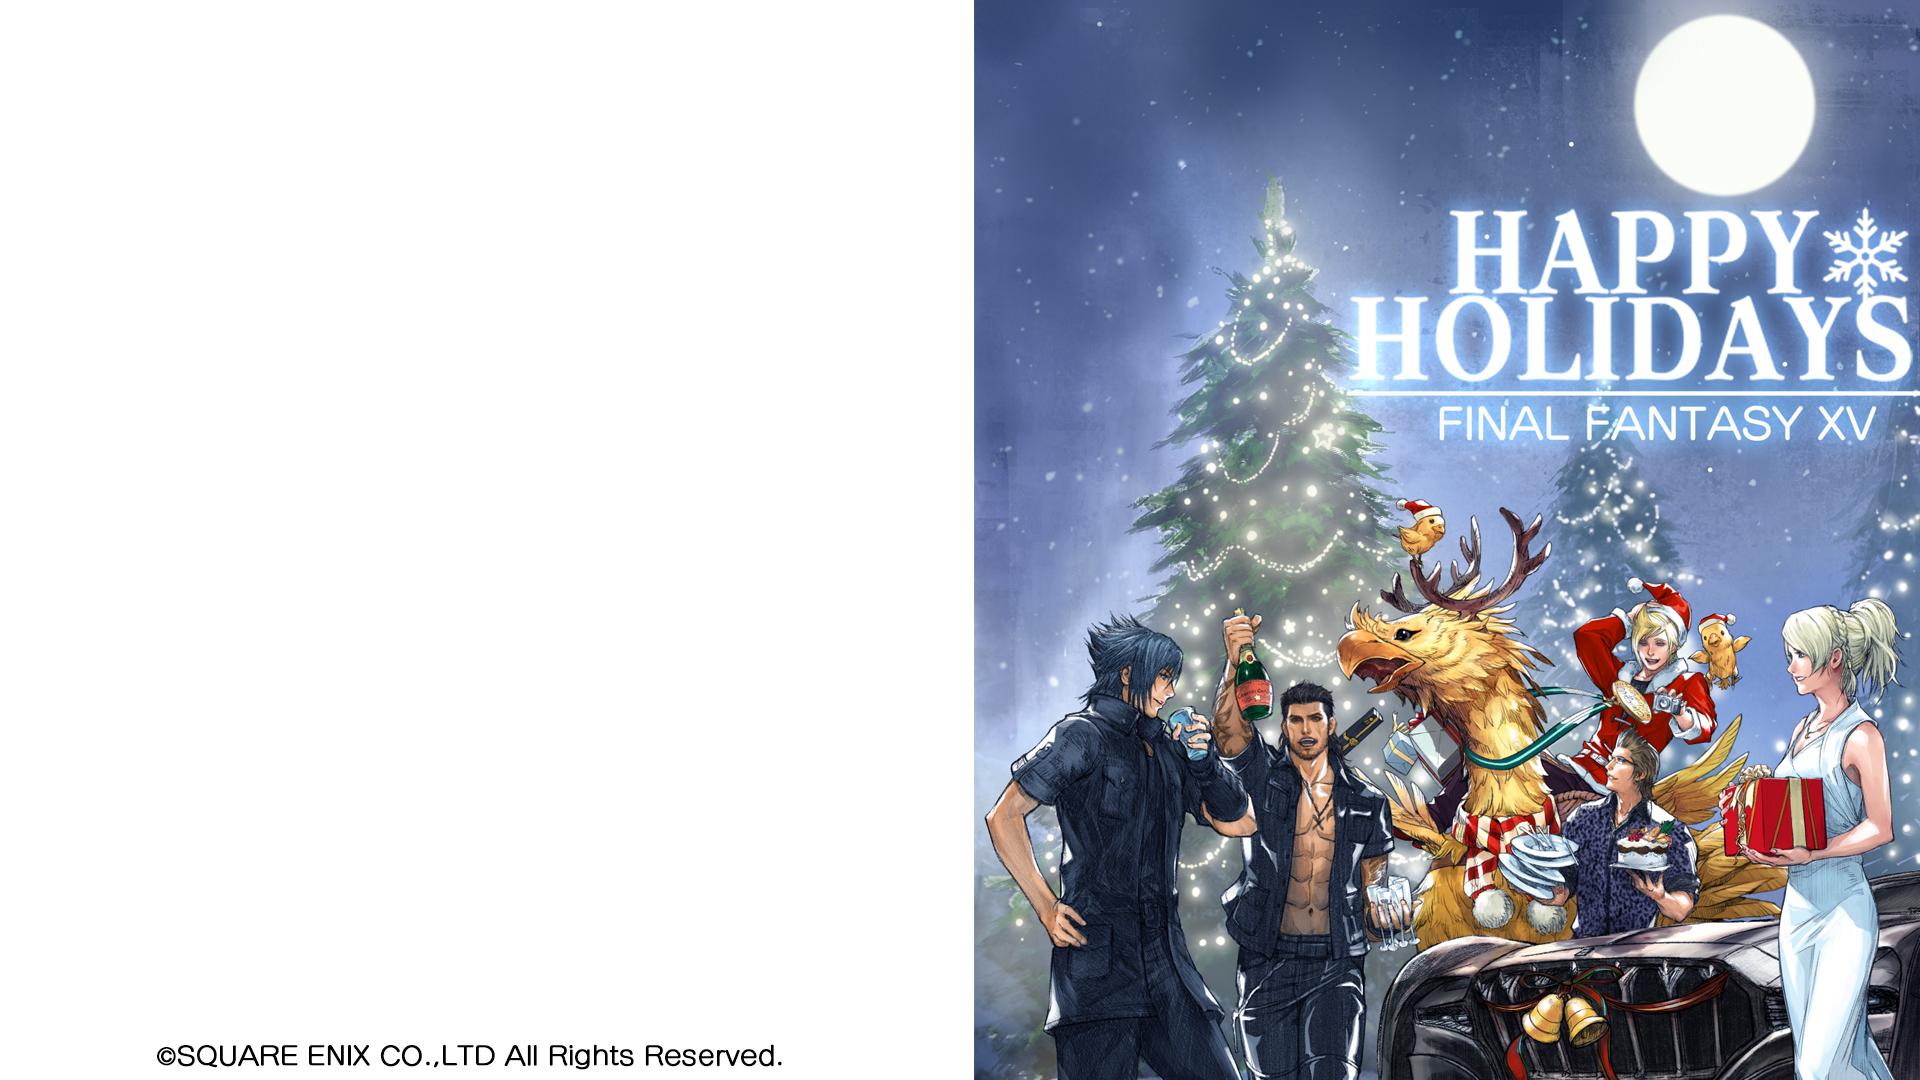 パソコン用壁紙 スペシャルコンテンツ Final Fantasy Xv